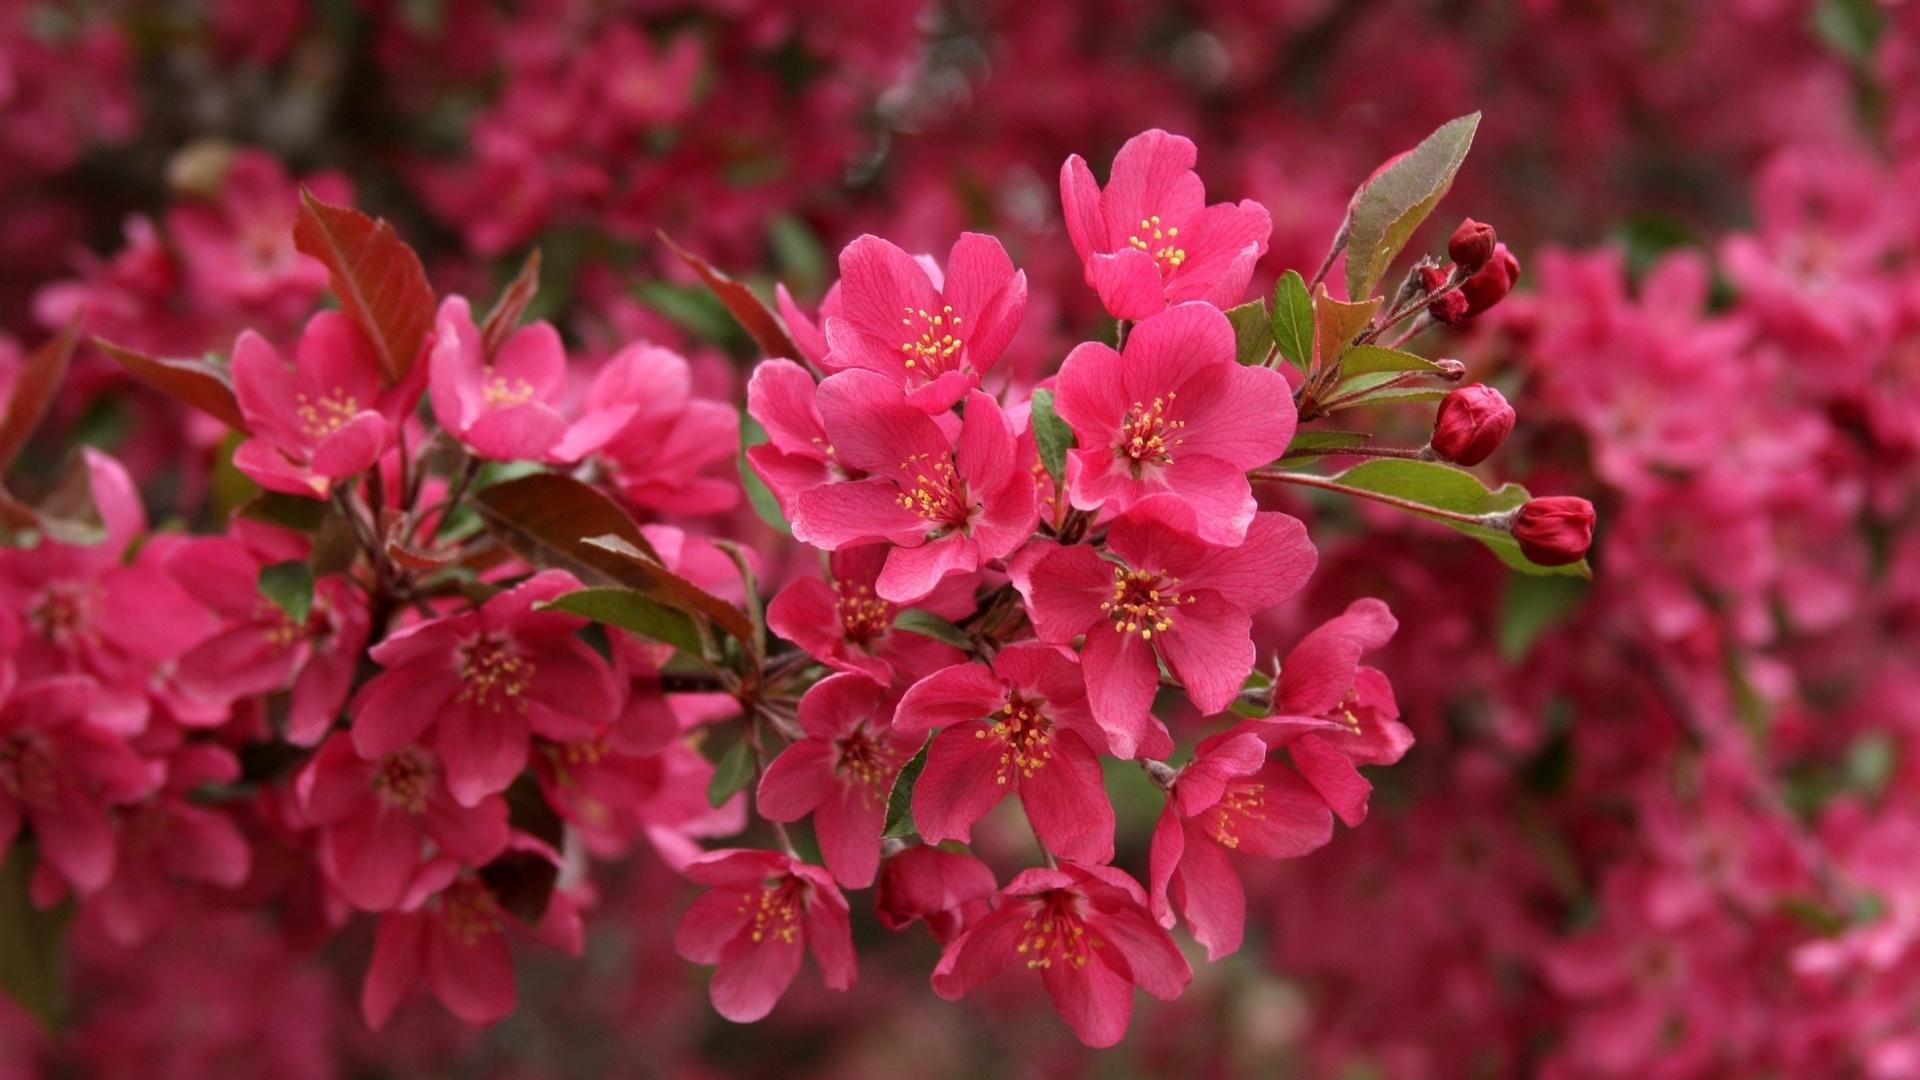 xem ảnh hoa đào đẹp